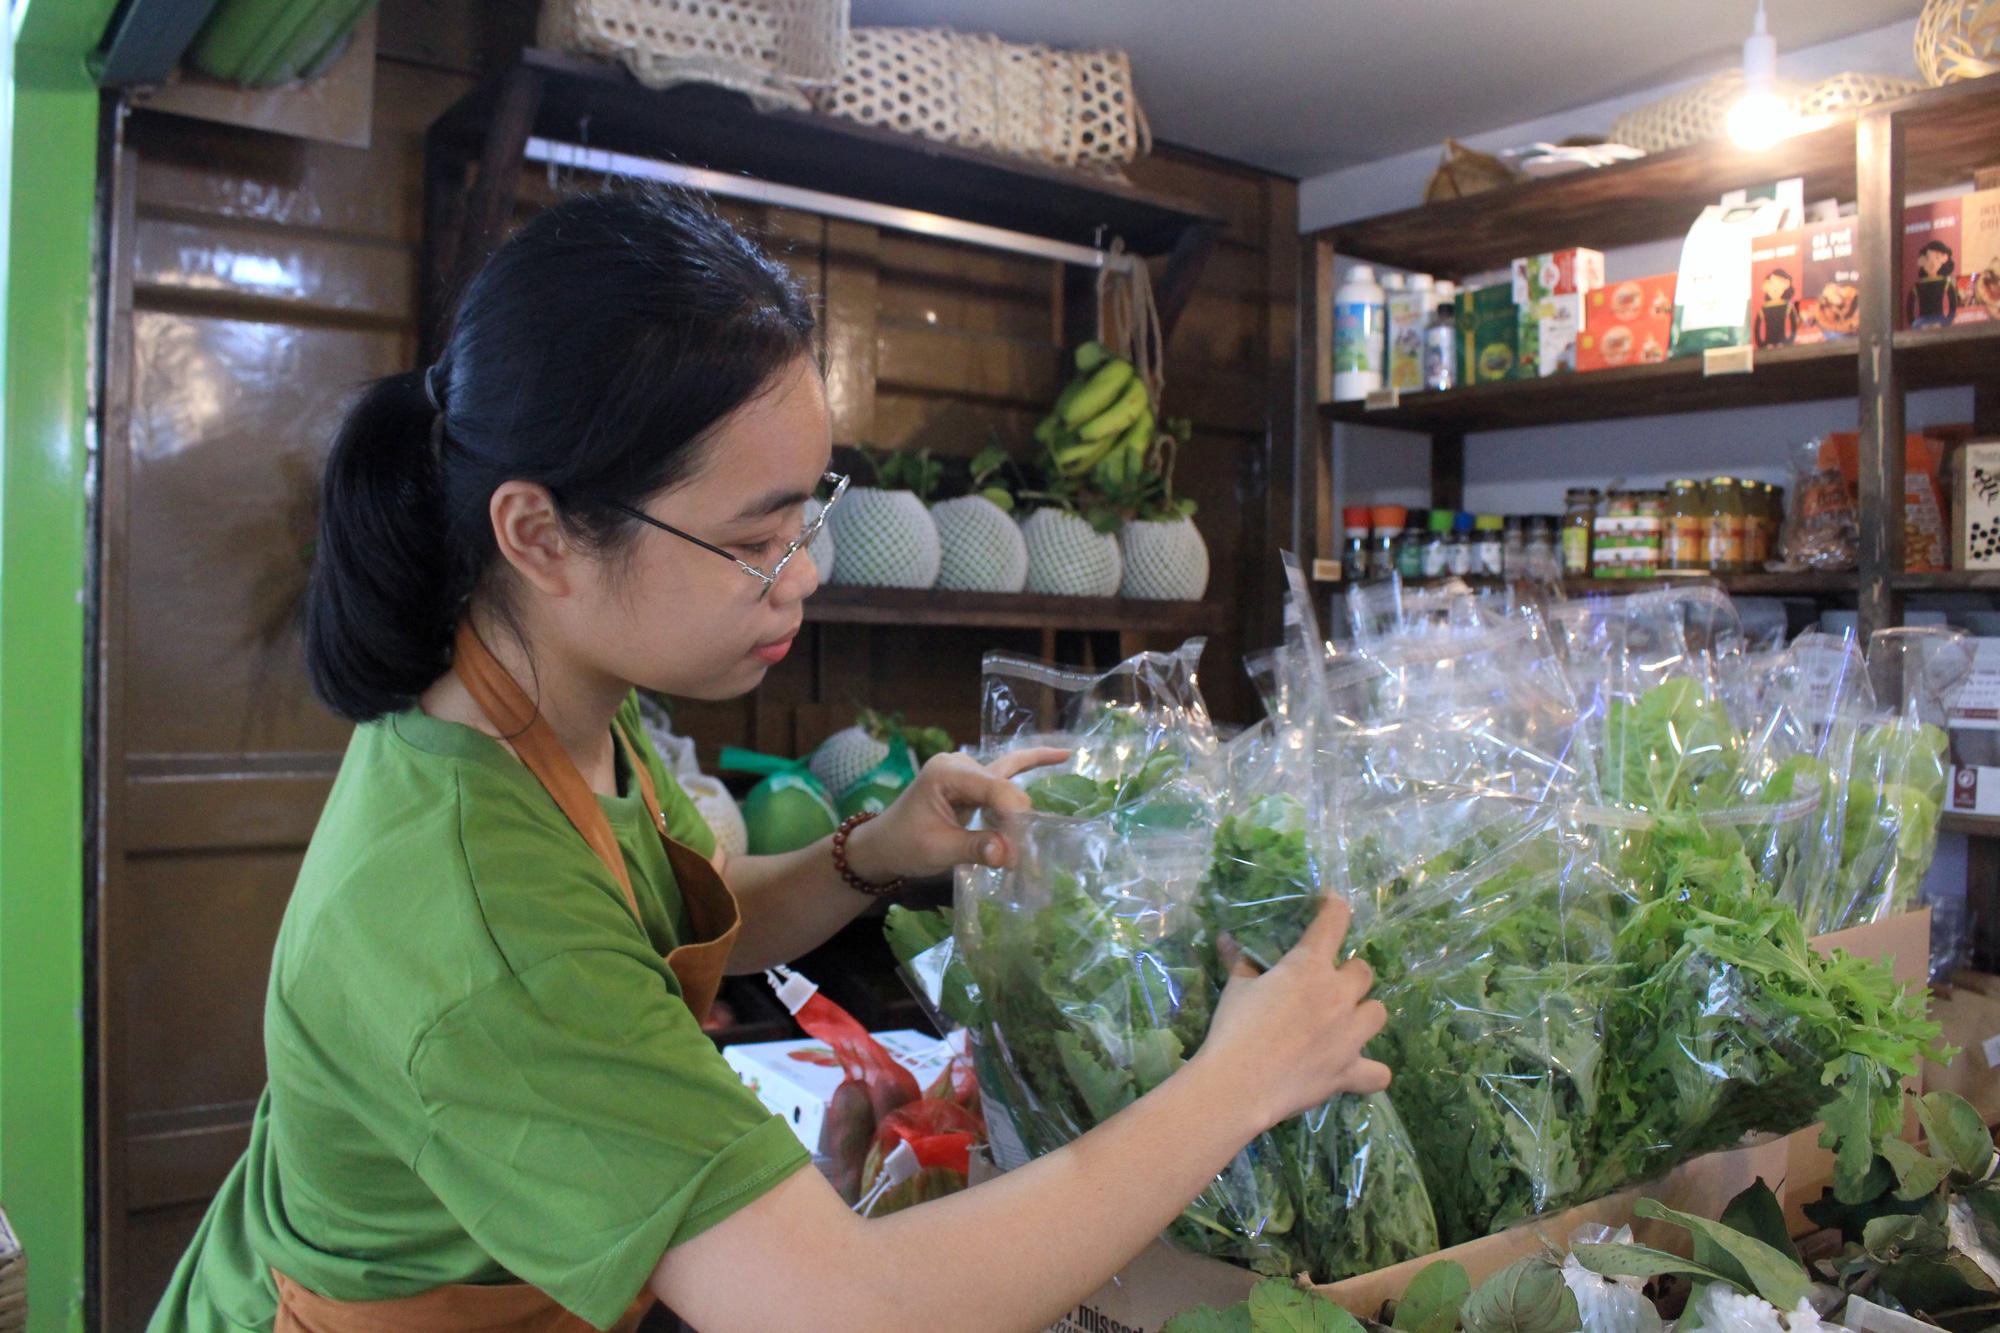 Siêu thị của nông dân đầu tiên ở Sài Gòn có gì, mà vừa mở bán, thanh long, cam canh đã bị mua sạch? - Ảnh 3.